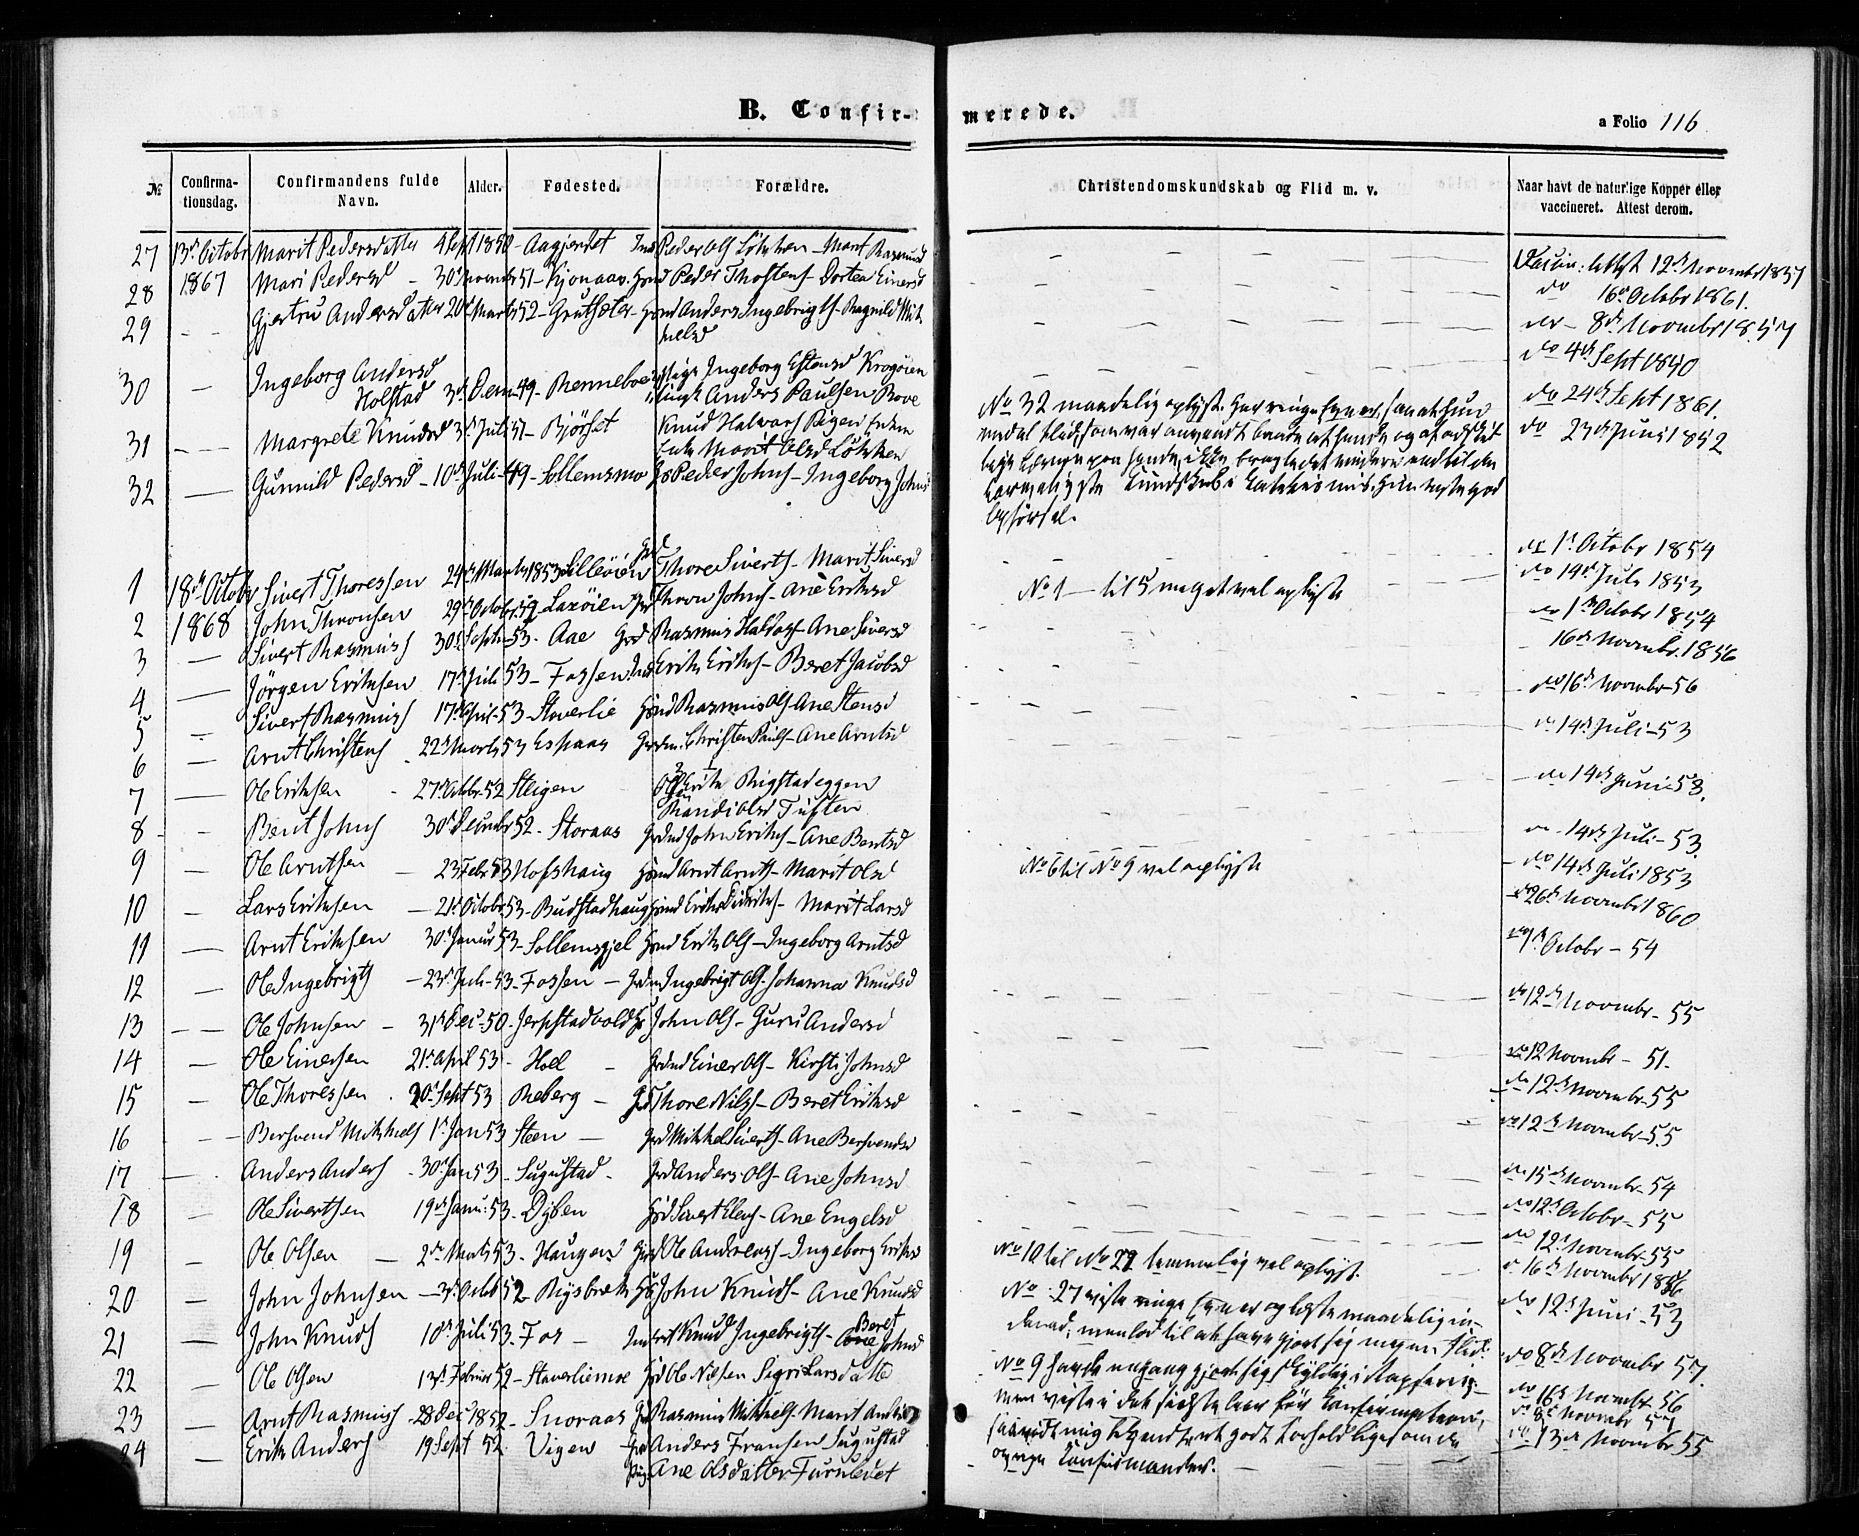 SAT, Ministerialprotokoller, klokkerbøker og fødselsregistre - Sør-Trøndelag, 672/L0856: Ministerialbok nr. 672A08, 1861-1881, s. 116